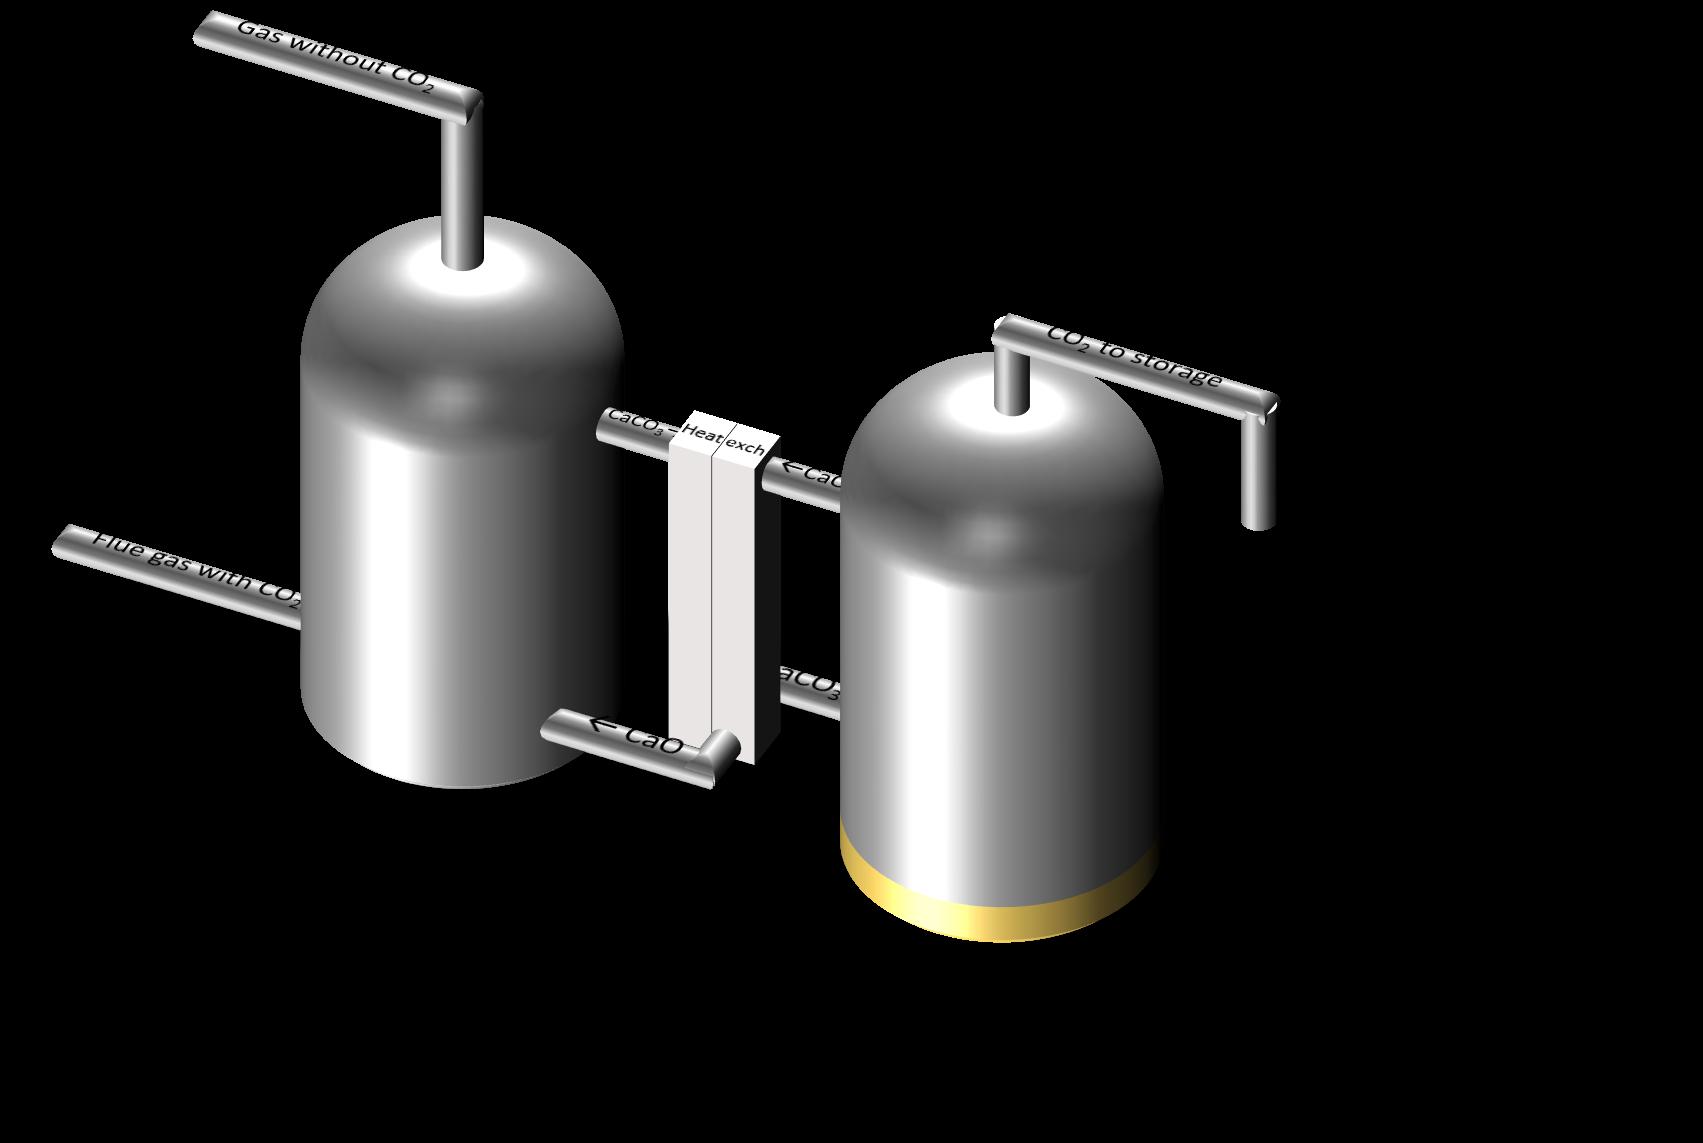 Salcape Carbon Capture